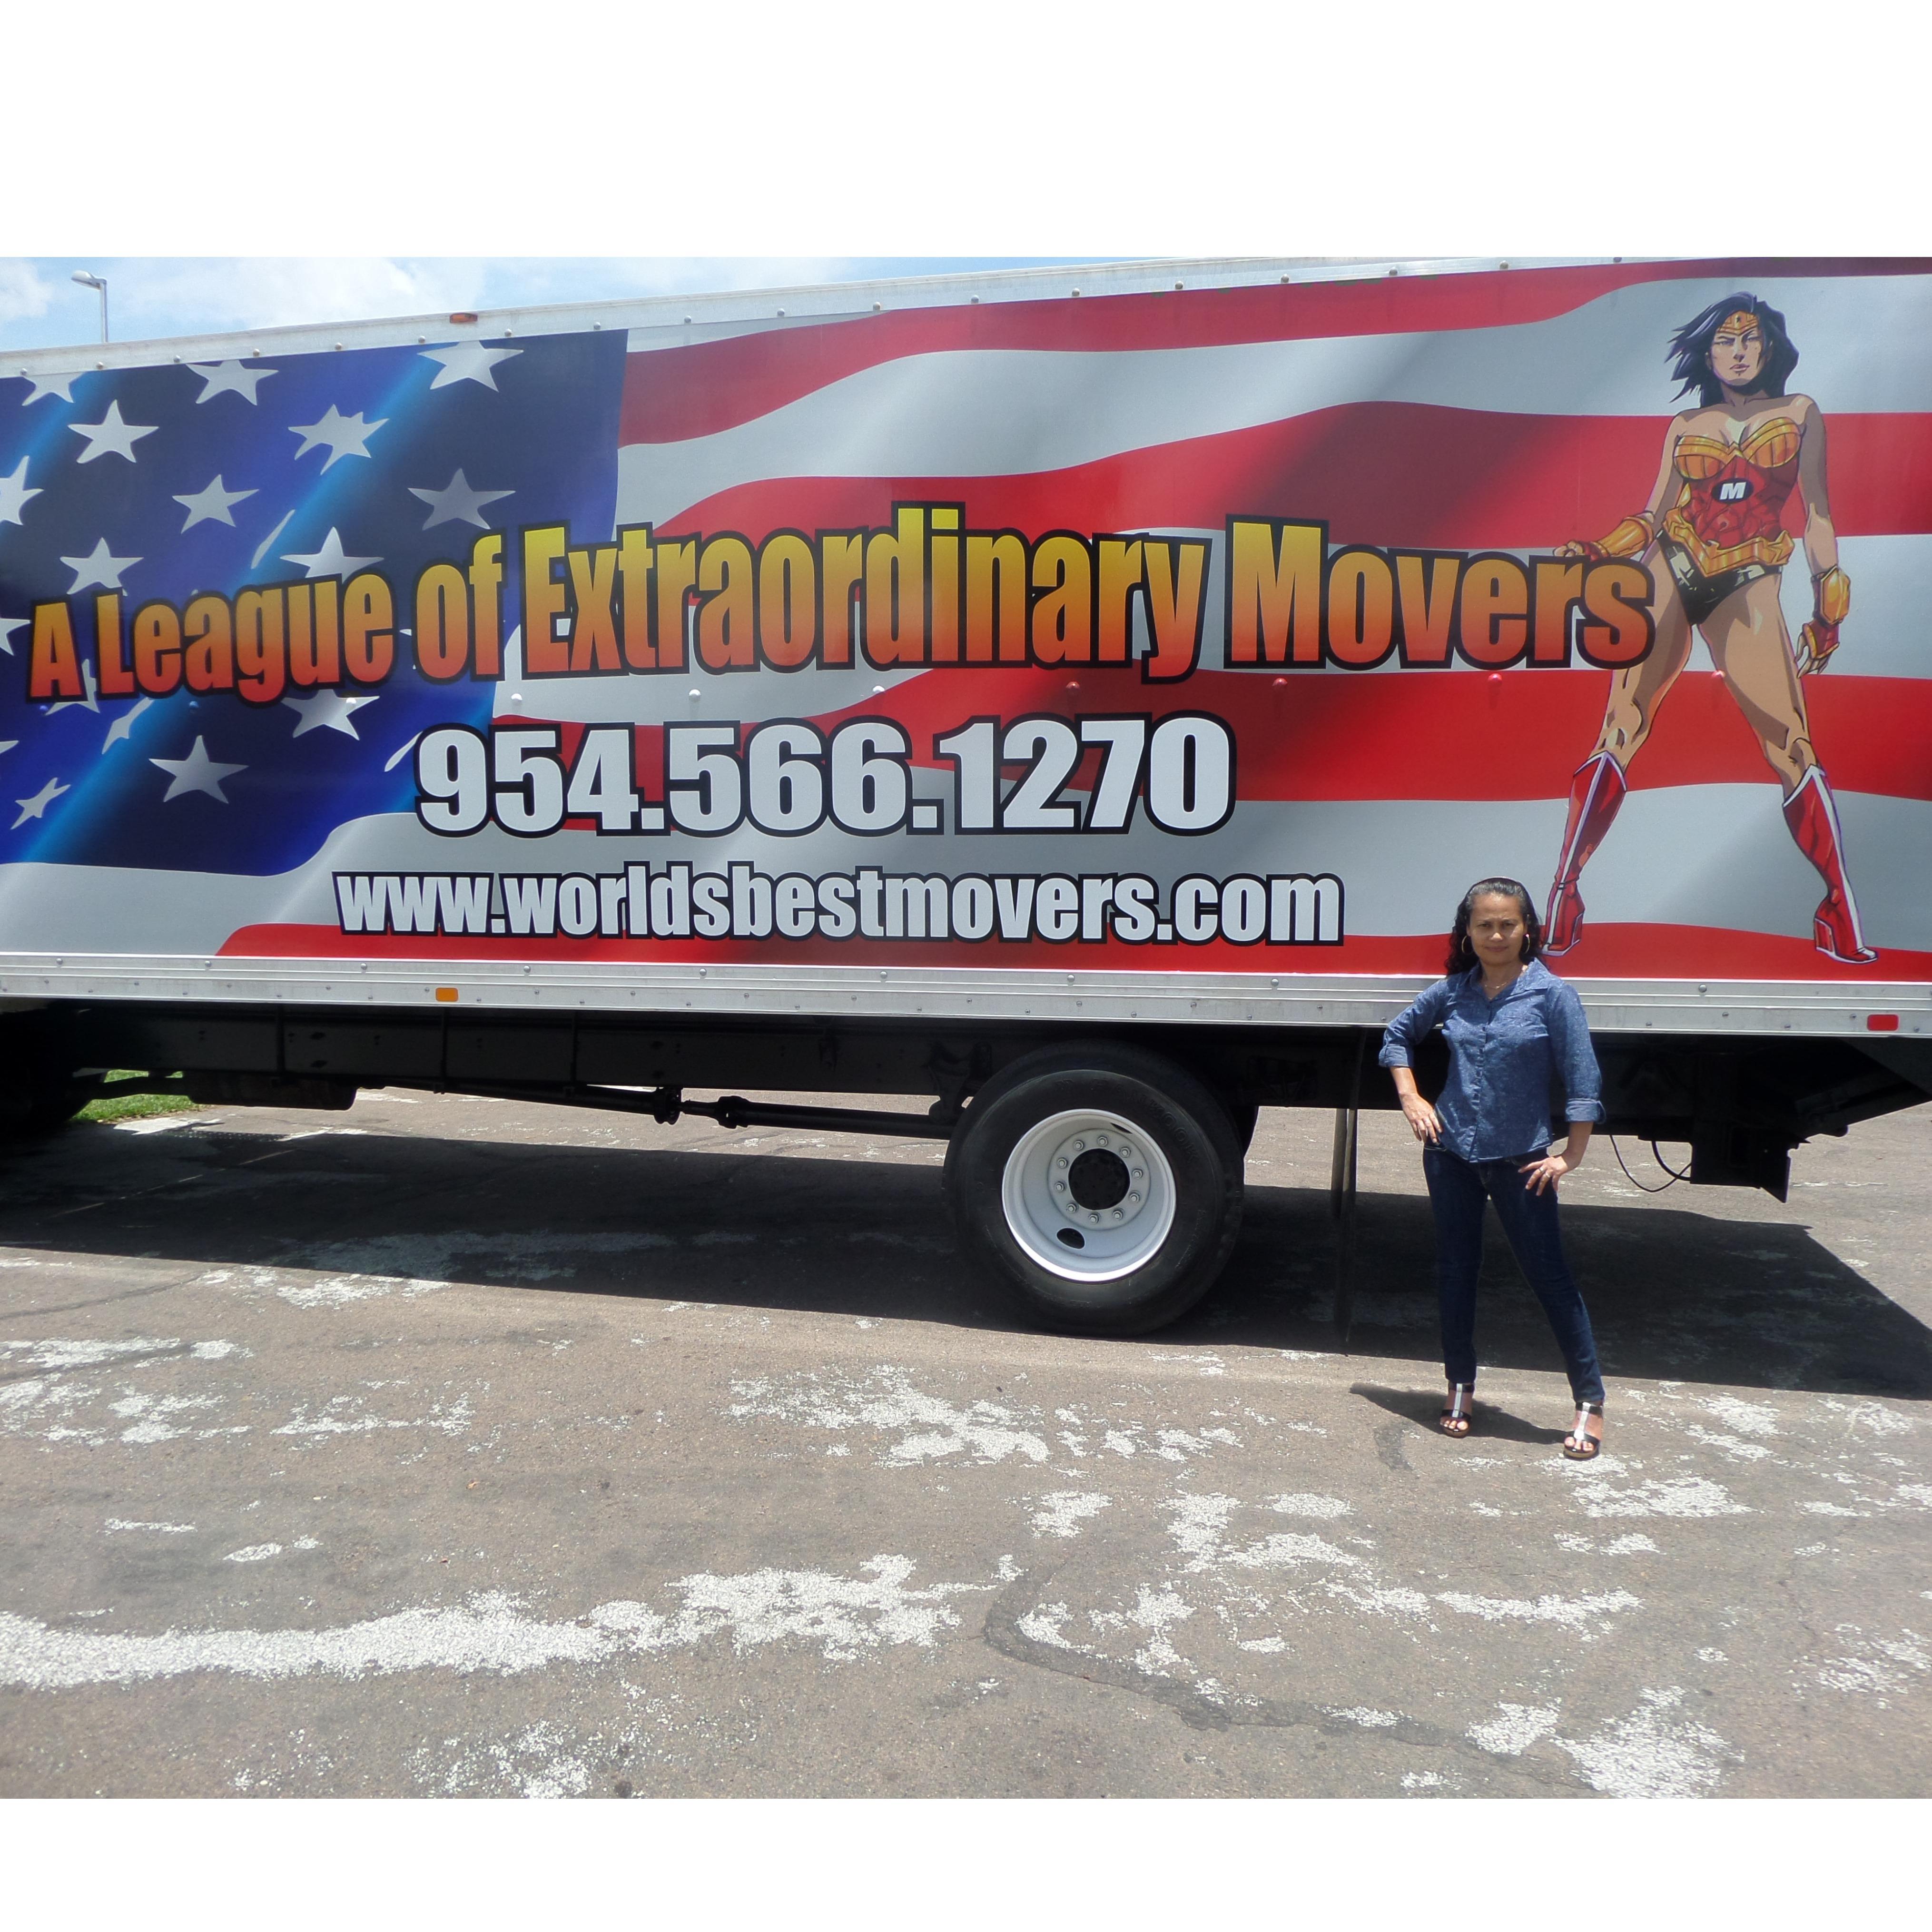 A League of Extraordinary Movers - Plantation, FL 33317 - (954)566-1270 | ShowMeLocal.com